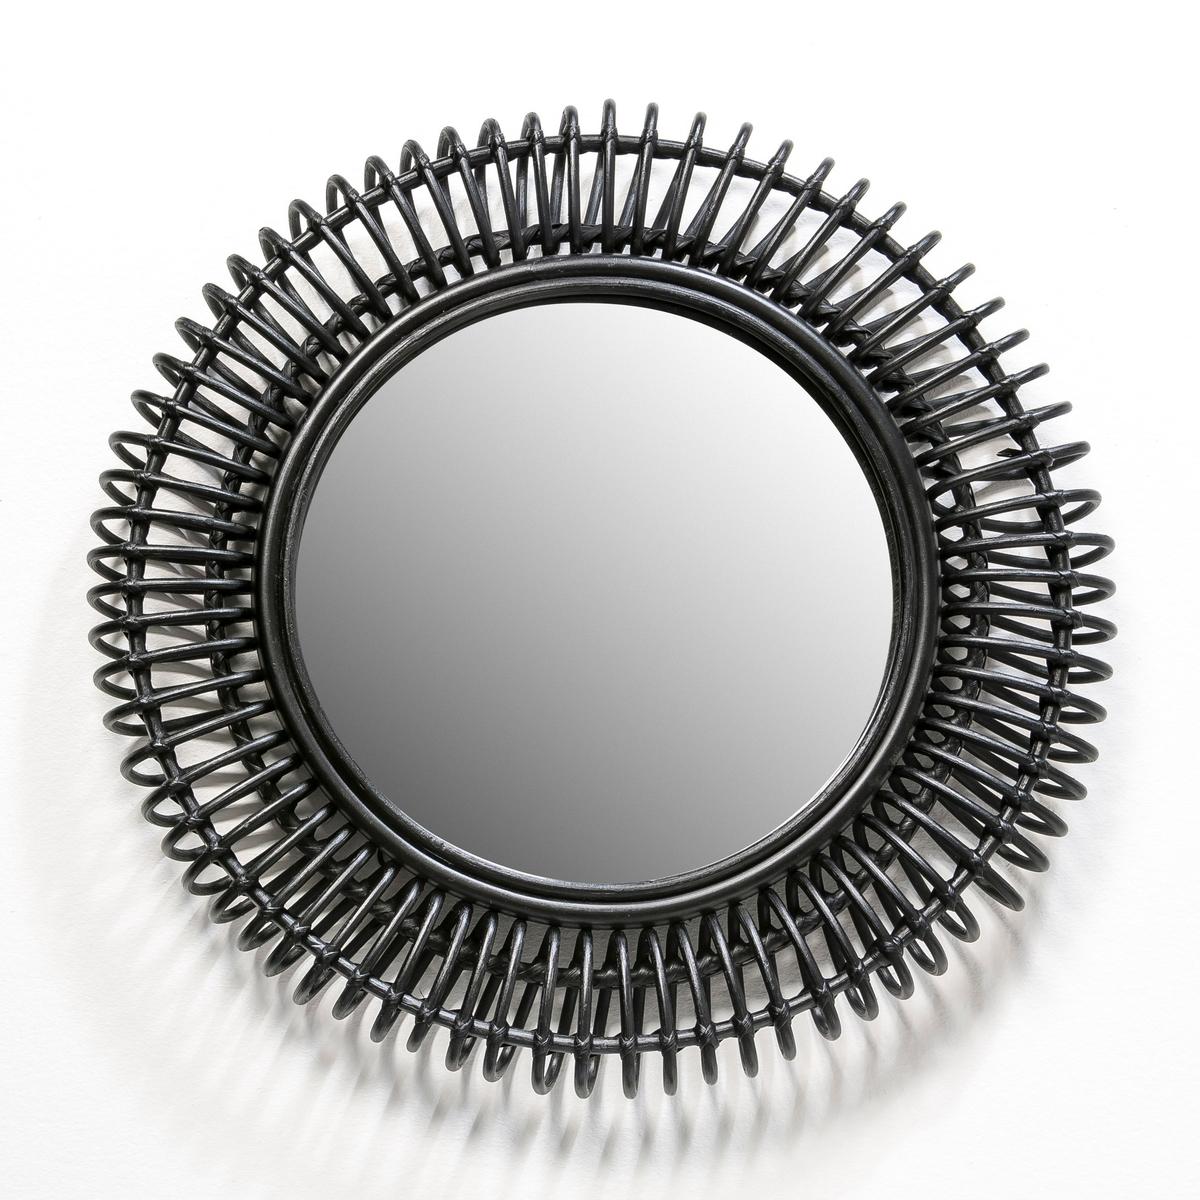 Зеркало круглое из ротанга Tarsile ?60 смХарактеристики: : - Из ротанга.Размеры :- Дл60 x В8 см .- Размеры зеркала : Диаметр 35 см<br><br>Цвет: черный